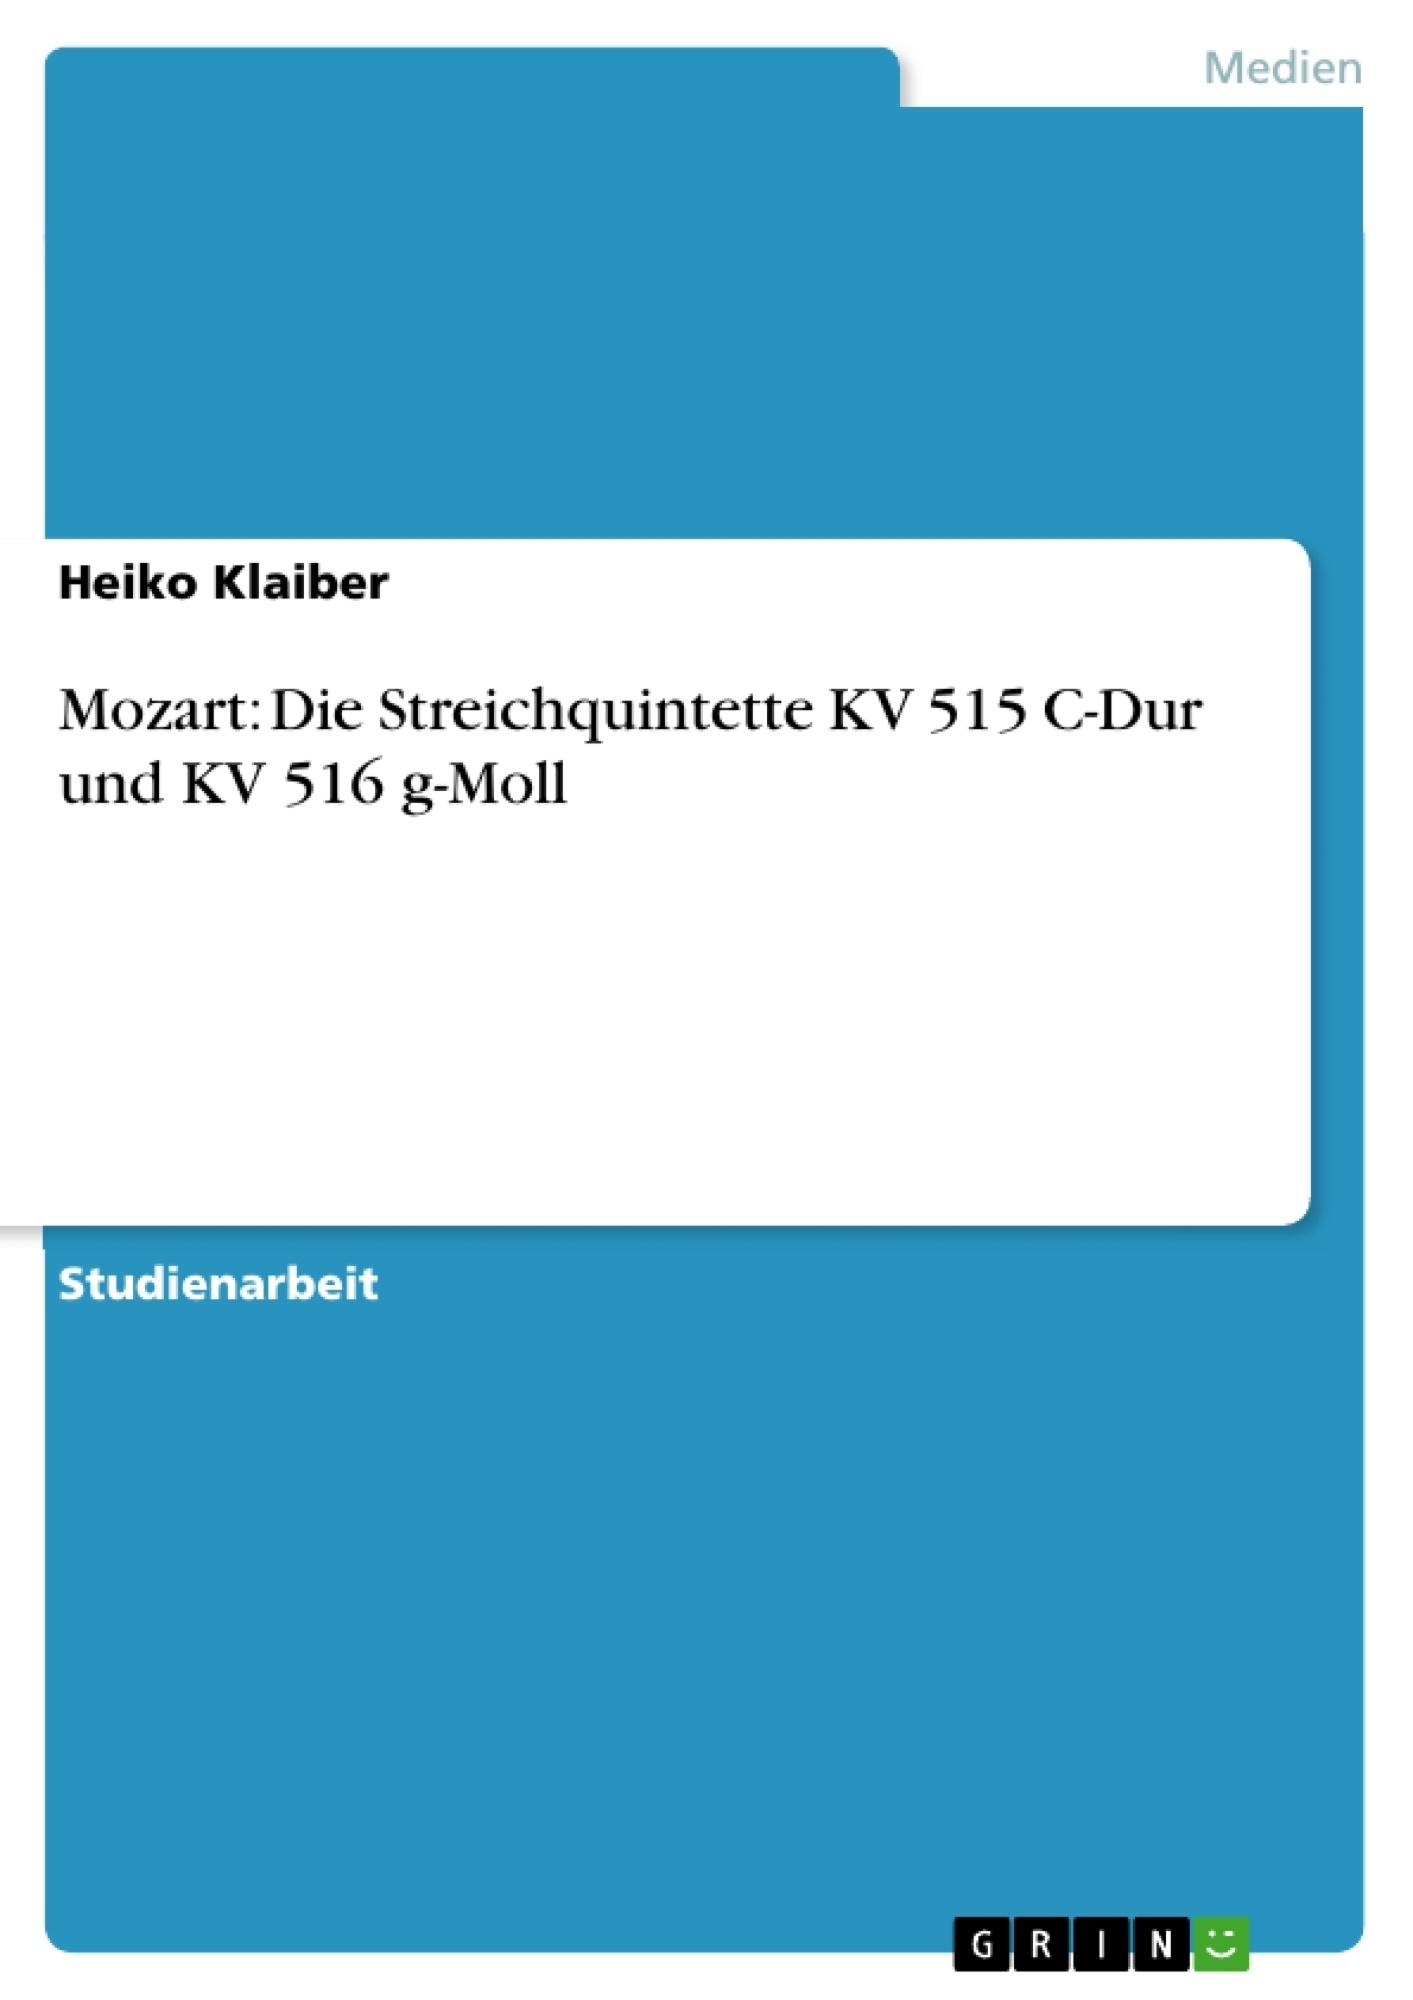 Titel: Mozart:  Die Streichquintette KV 515 C-Dur und KV 516 g-Moll